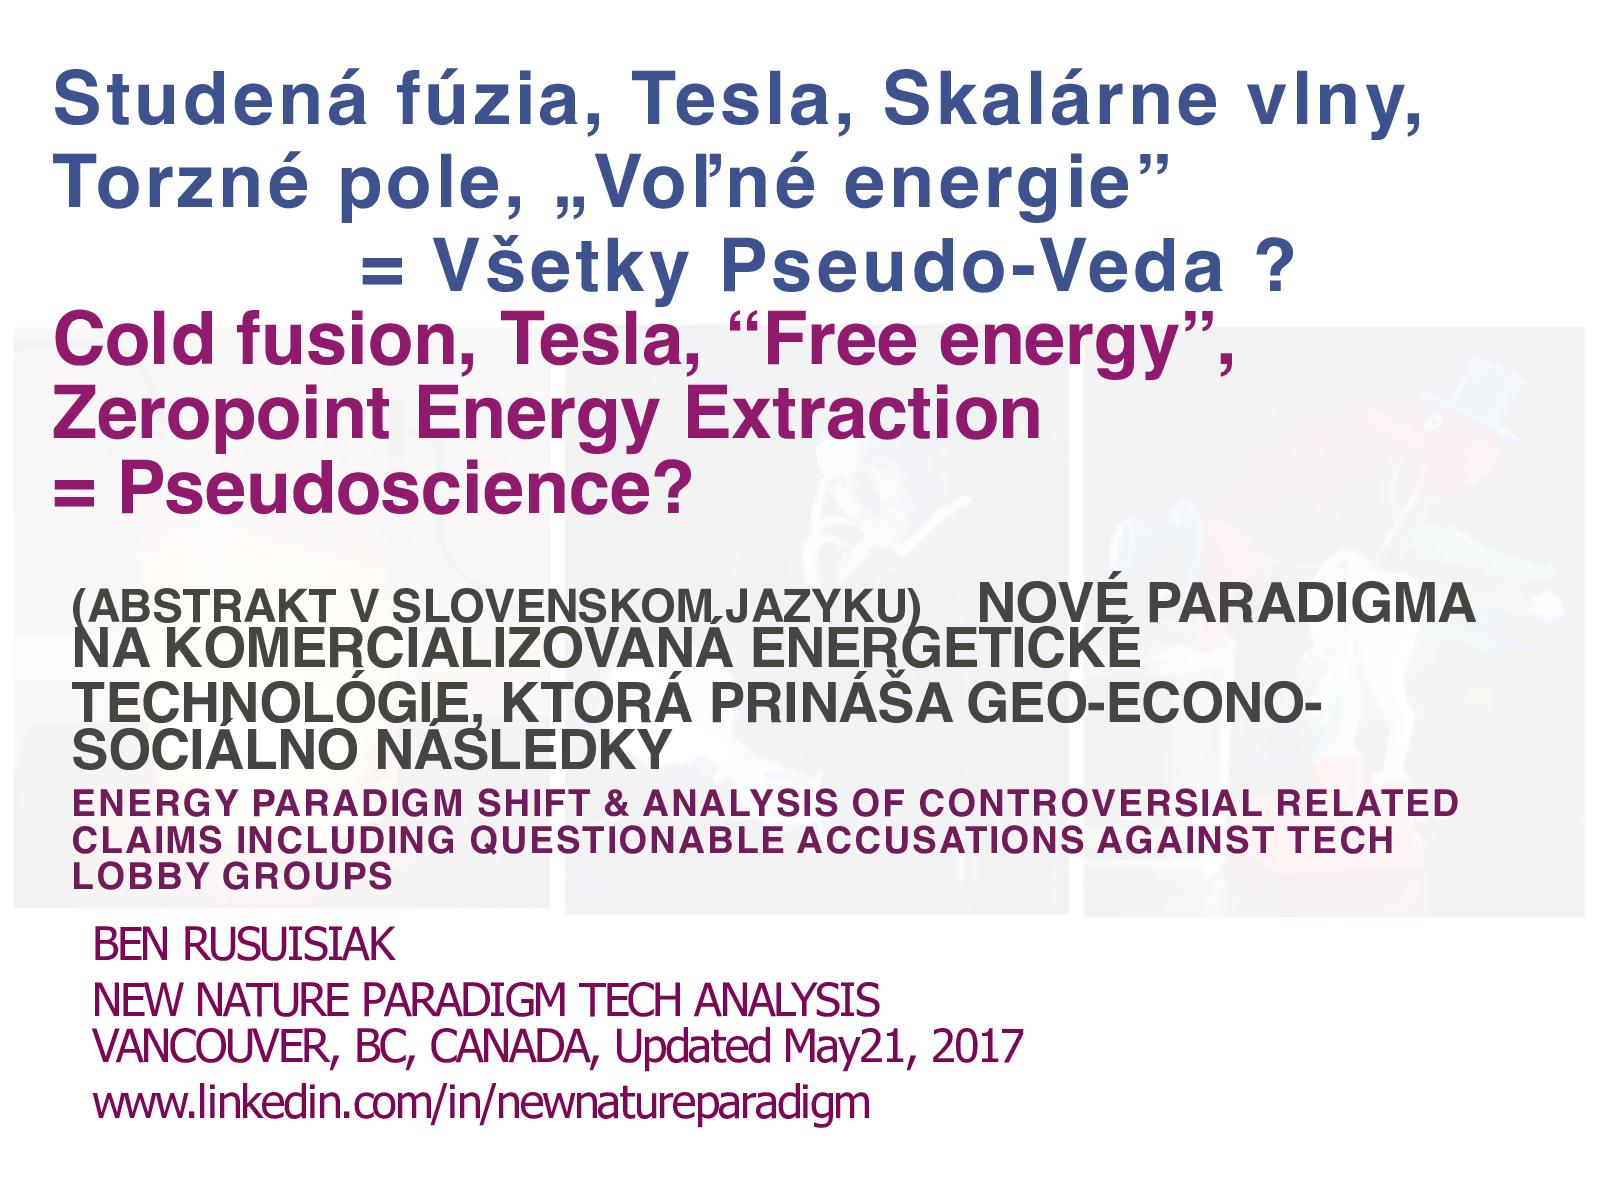 Calaméo - Studená Fúzia, Tesla, Skalárne Vlny, Torzné Pole